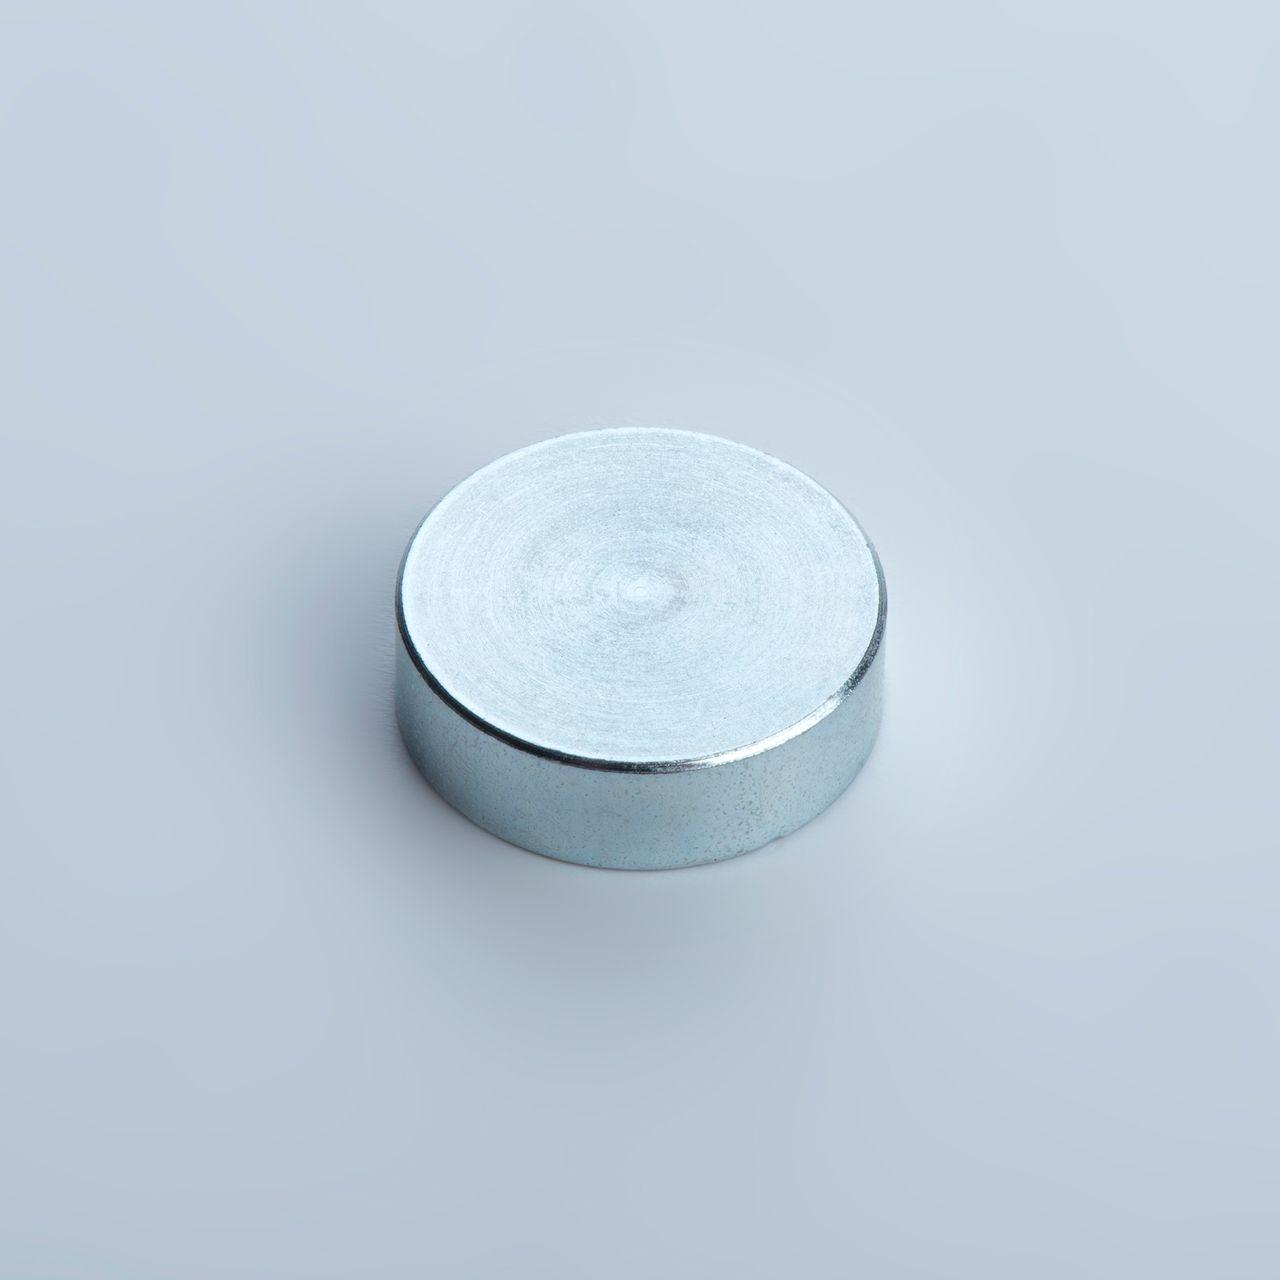 Pot magnet made of Neodym, galvanized, thyssenkrupp Magnettechnik